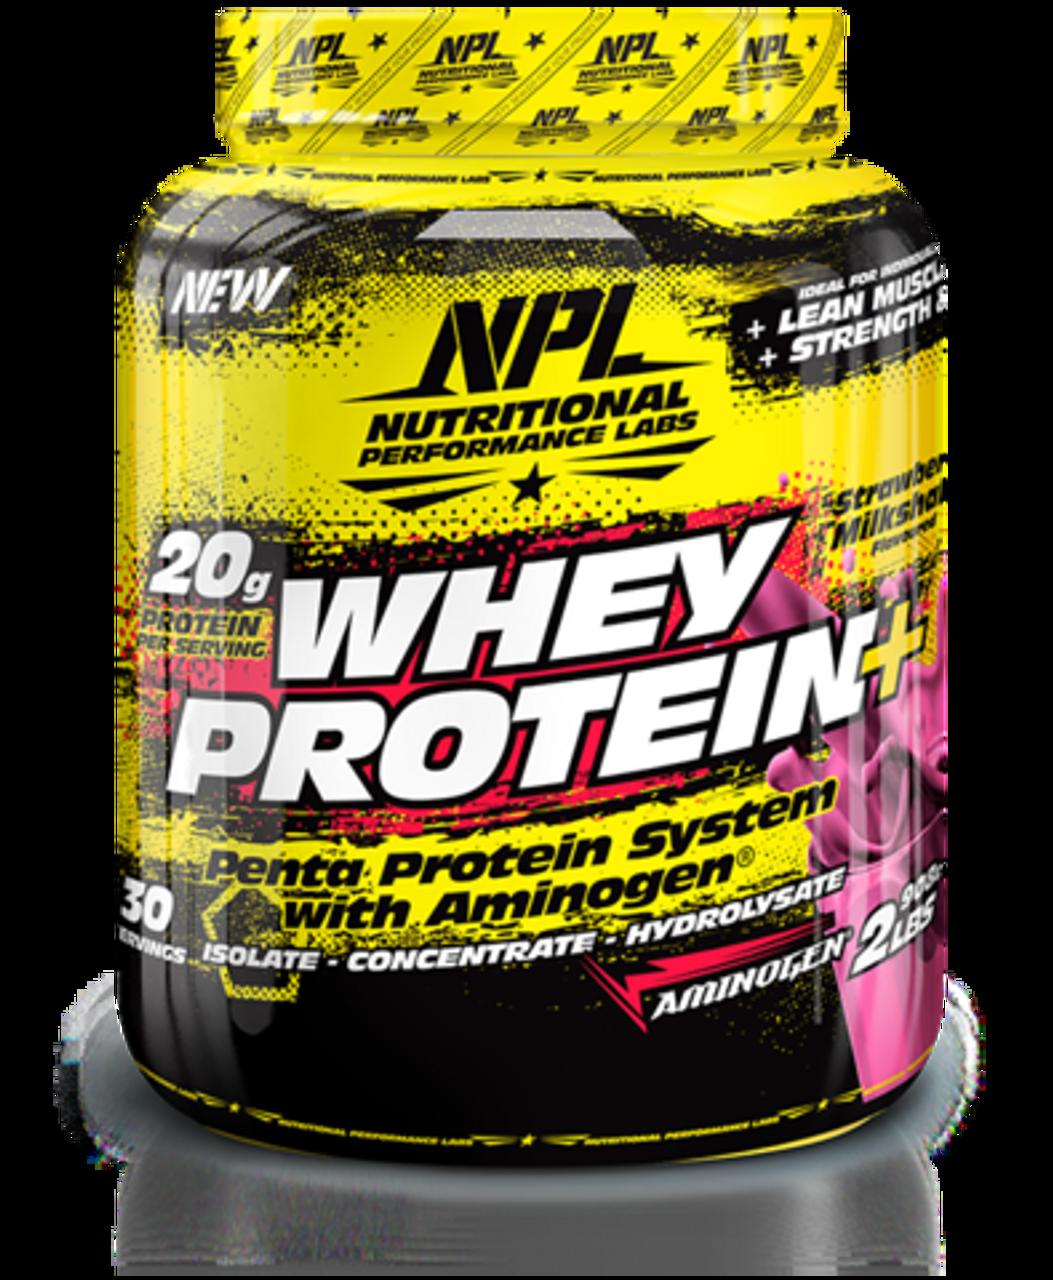 NPL Whey Protein Strawberry Milkshake